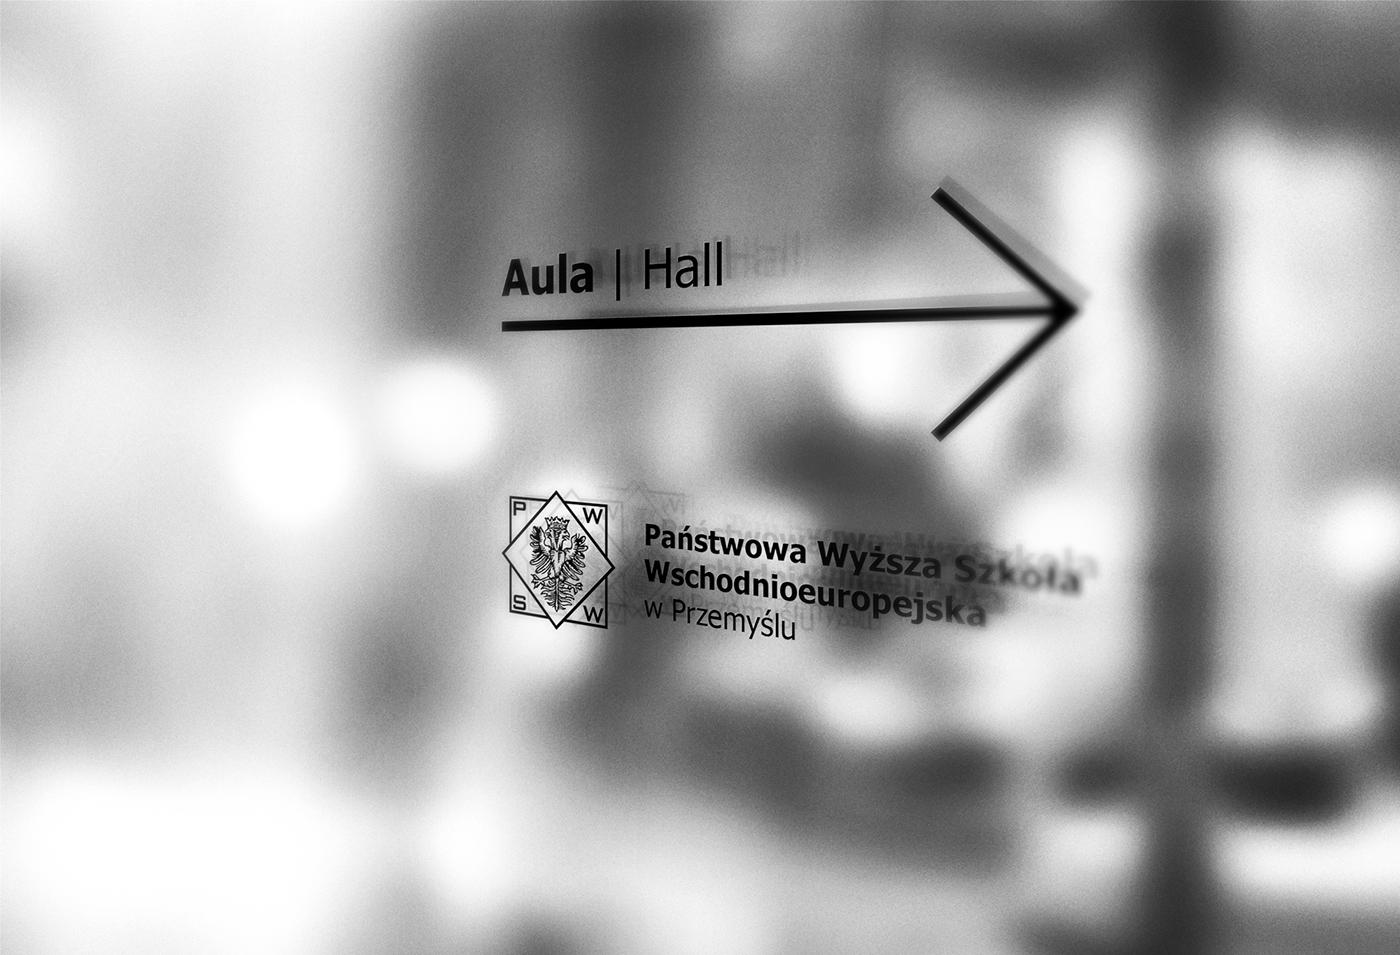 Pwsw wayfinding identyfikacja wizualna ID information design